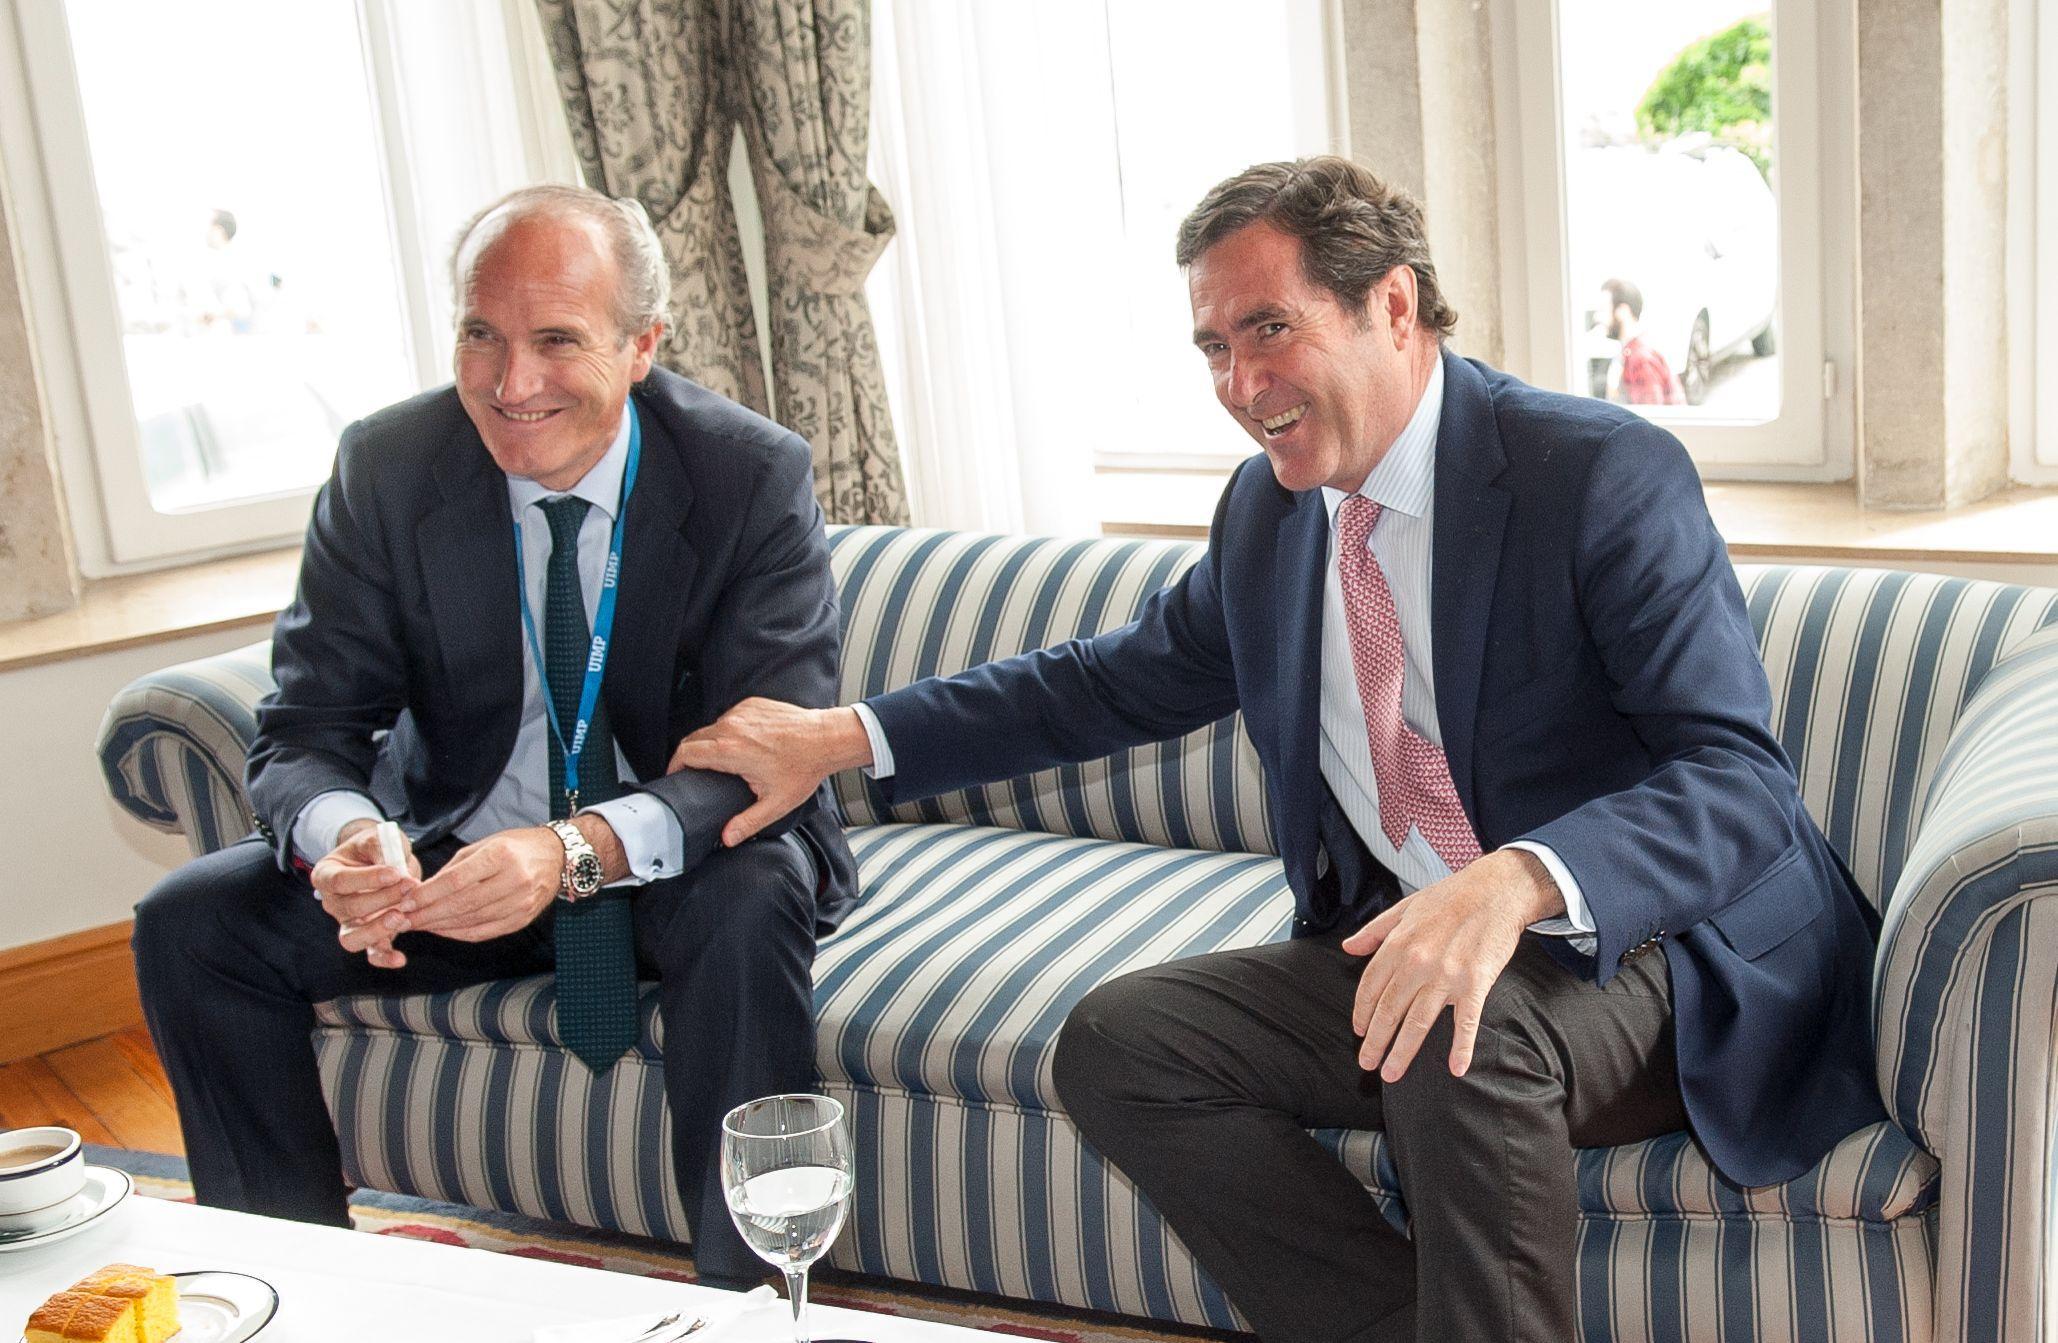 Julián Núñez, presidente de Seopan, y Antonio Garamendi, Vicepresidente de la CEOE y presidente de Cepyme, antes de su intervención en el Curso de Economía organizado por APIE en la Universidad Menéndez Pelayo de Santander.